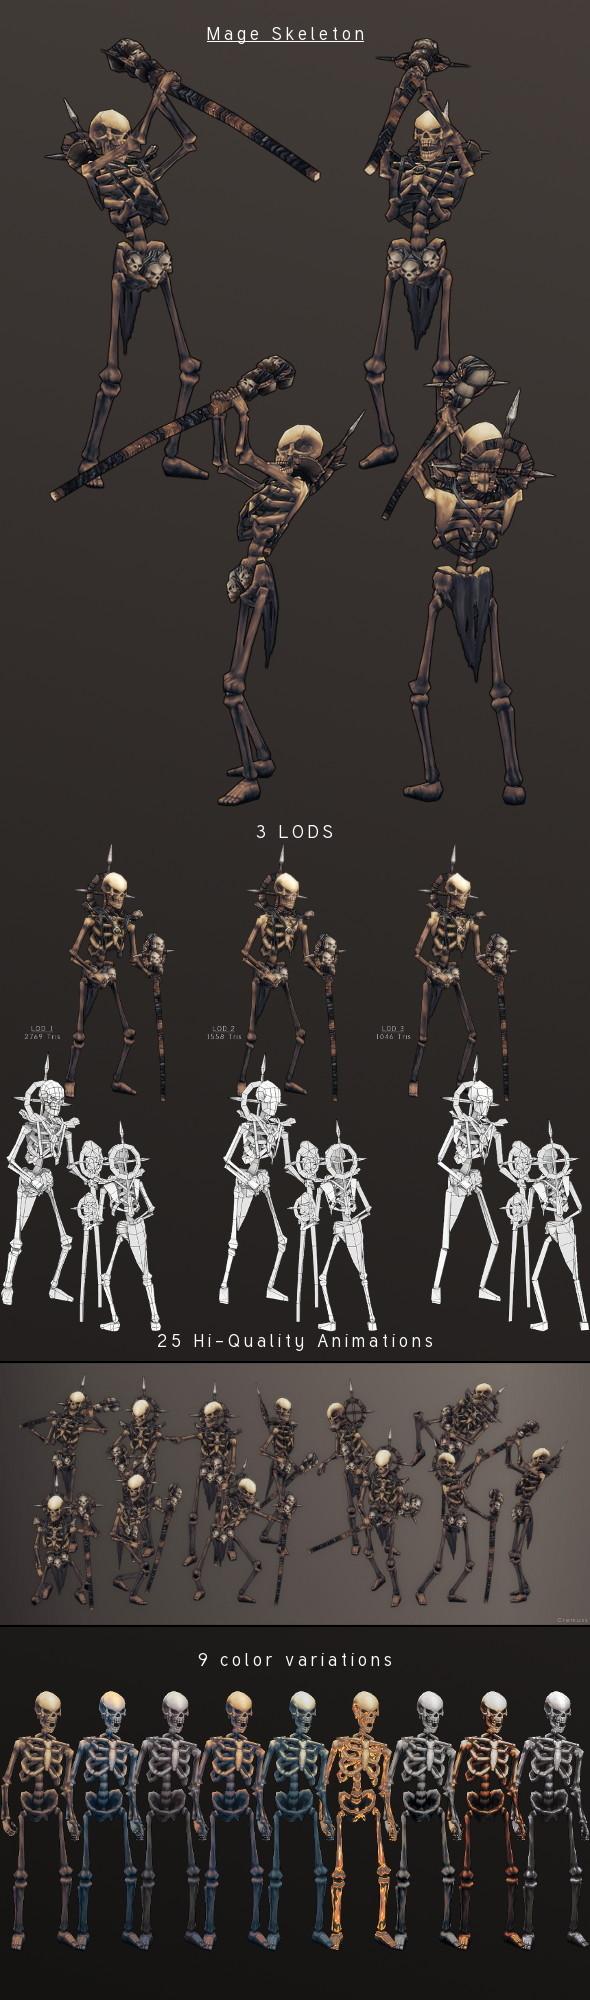 LowPoly HandPainted Mage Skeleton - 3DOcean Item for Sale